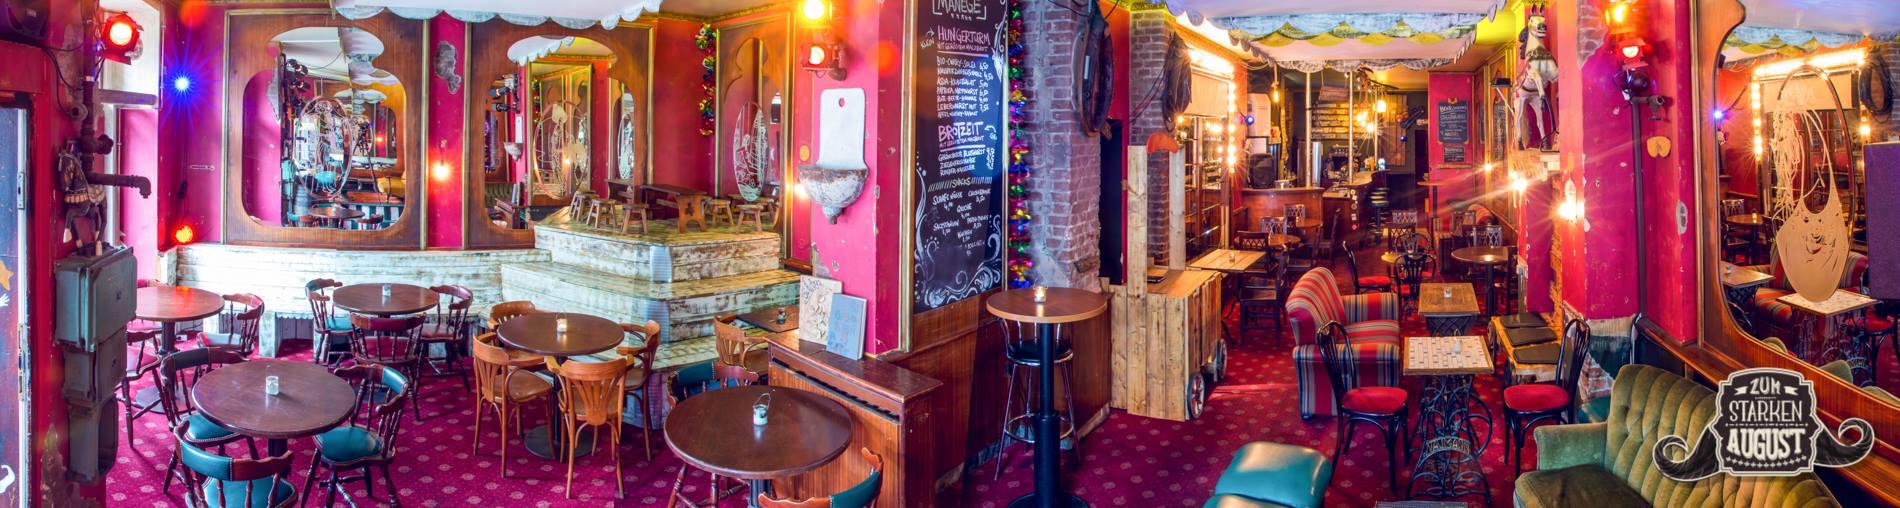 Zum Starken August Bar Im Prenzlauer Berg Jump Berlin